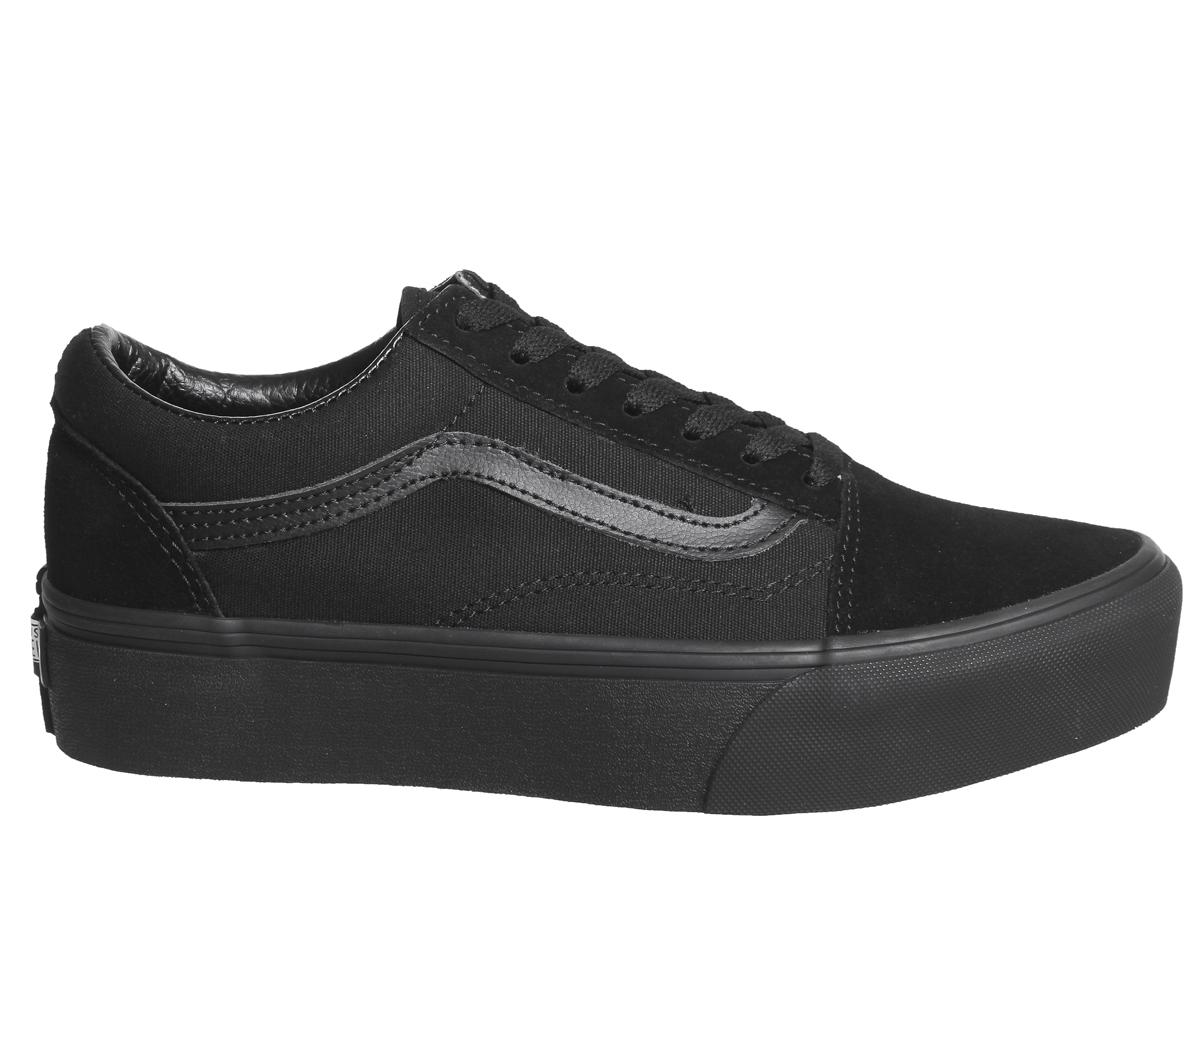 aeac7eaa1a7ab CENTINELA Plataformas de mujer Vans Old Skool negras zapatillas zapatos